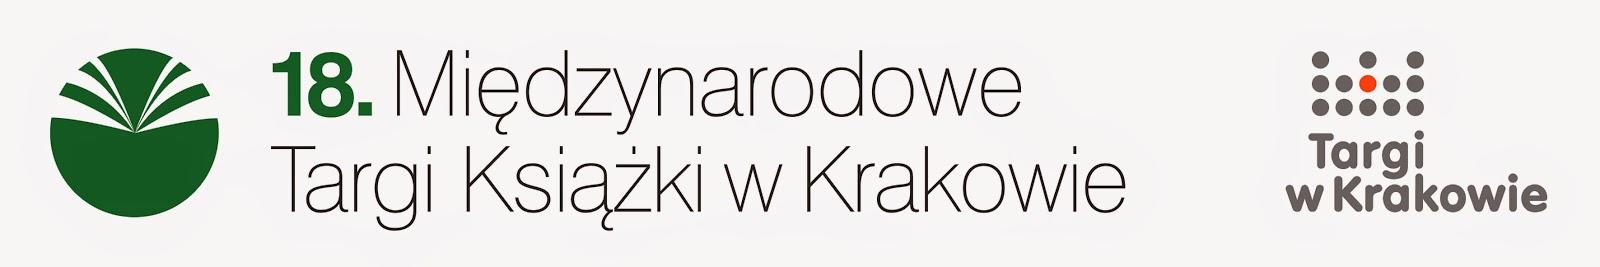 Piździernik to bardzo piękny miesiąc dla wszystkich moli książkowych. Właśnie w tym miesiącu odbywają się największe targi książki w Polsce. Kraków, jako europejska stolica literatury udowadnia, że ten tytuł nie zdobył ot tak, i potrafi organizować takie targi na bardzo wysokim poziomie. Mieszkam właśnie w tym mieście, więc grzechem byłoby nie odwiedzić nowej hali EXPO we wszystkie, cztery dni. Z początku miał to być bardzo długi tekst, jednak czytając niektóre relacje doszedłem do wniosku, że zamieszczę tutaj suche fakty i moje odczucia względem paru wydarzeń. Dlaczego? Pojawiło się bardzo dużo głosów w ogólnej dyskusji, która trwa (ponoć) od dłuższego czasu, a ja, w drodze wyjątku, nie chcę wtrącać swoich trzech groszy.    CZWARTEK  Okropna pogoda. Zimno, wietrznie i mokro. Na dodatek zajęcia do 13 od samego rana. Na targi wybraliśmy z paroma osobami z roku - długa podróż czwórką na Stella, później przesiadka na autobus, no i jeszcze trzeba tam dojść. Okolica paskuda. Hałdy piasku, żwiru i ruiny nie wiadomo czego. Sama hala robi naprawdę dobre wrażenie - nowoczesny budynek, w którym ludzie mogą zatracić się w książkowym szaleństwu. Wchodzimy do środka. Wszyscy kierują się do kas, ja jako jedyny idę w stronę rejestracji dla gości branżowych. Zdziwione spojrzenia (nie chwalę się nikomu, że prowadzę bloga) podsycają we mnie bardzo miłe uczucie. Wchodzę do hali Wisła. Zaczęło się.      Z miejsca zachwyca ogromna przestrzeń i liczba wystawców. Idę wolno między stoiskami i podziwiam tak gigantyczną ilość książek, rok temu to było kompletnie co innego.Teraz chodzę tutaj jako bloger i jestem bardziej zorientowany co poszczególne wydawnictwa wydają, wiem co chcę kupić - 365 dni temu porwałem się na zakup ogromnej ilości książek, przez co po prostu się spłukałem. Teraz grzmi nade mną ostrzeżenie Lubej, że jak wydam wszystko co mam w portfelu to fochem zarzuci straszliwym. Większość wystawców oferuje 20-25% rabaty, zdarzają się i 30% jednak należą one do rzadkości. Ciągnie m